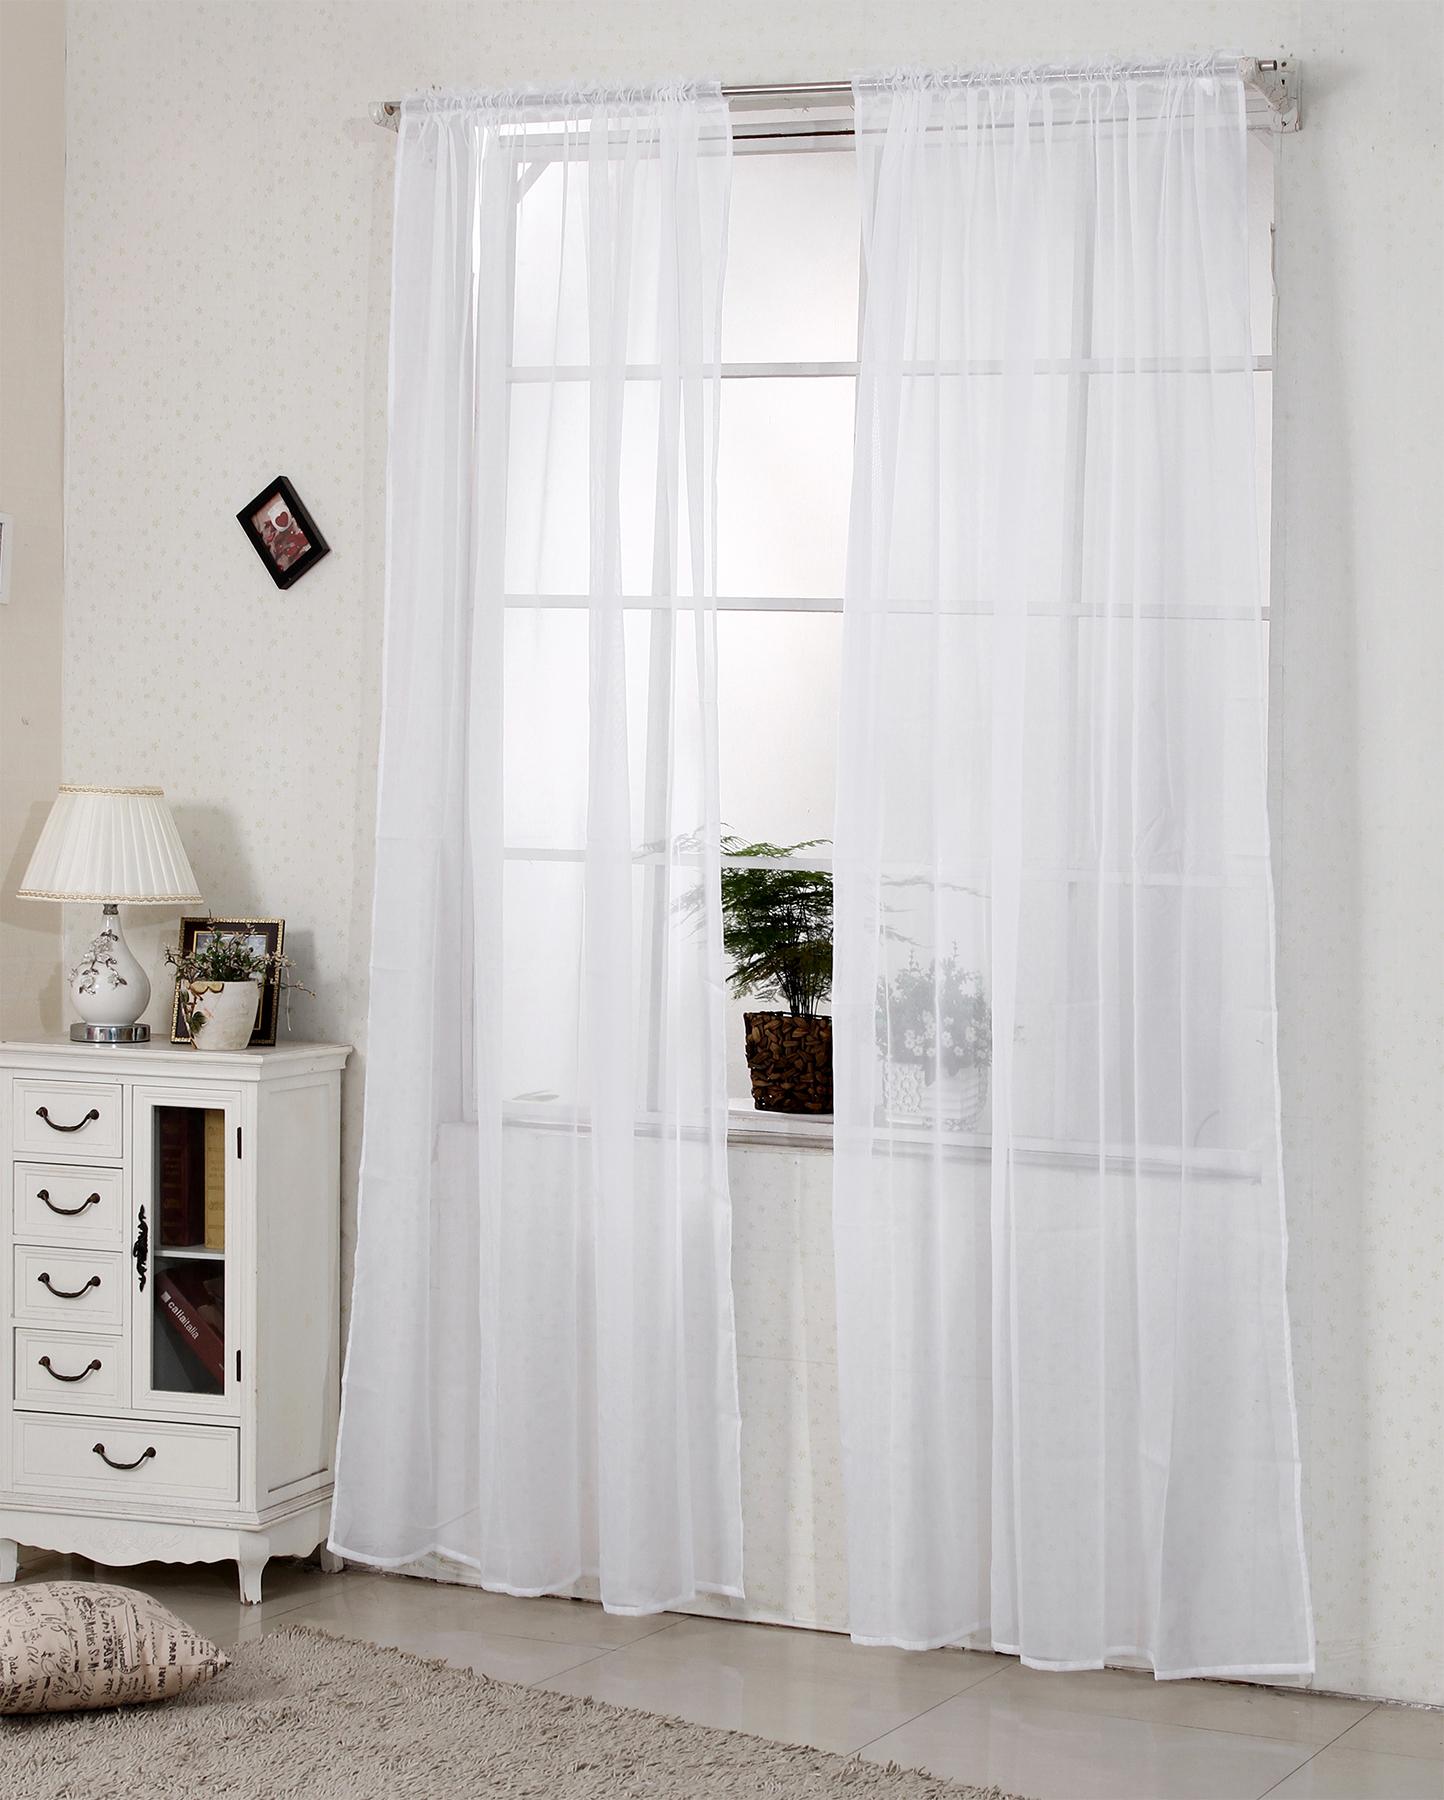 2x Gardine Vorhang Transparent Dekoschal Kräuselband 140x225cm Weiß